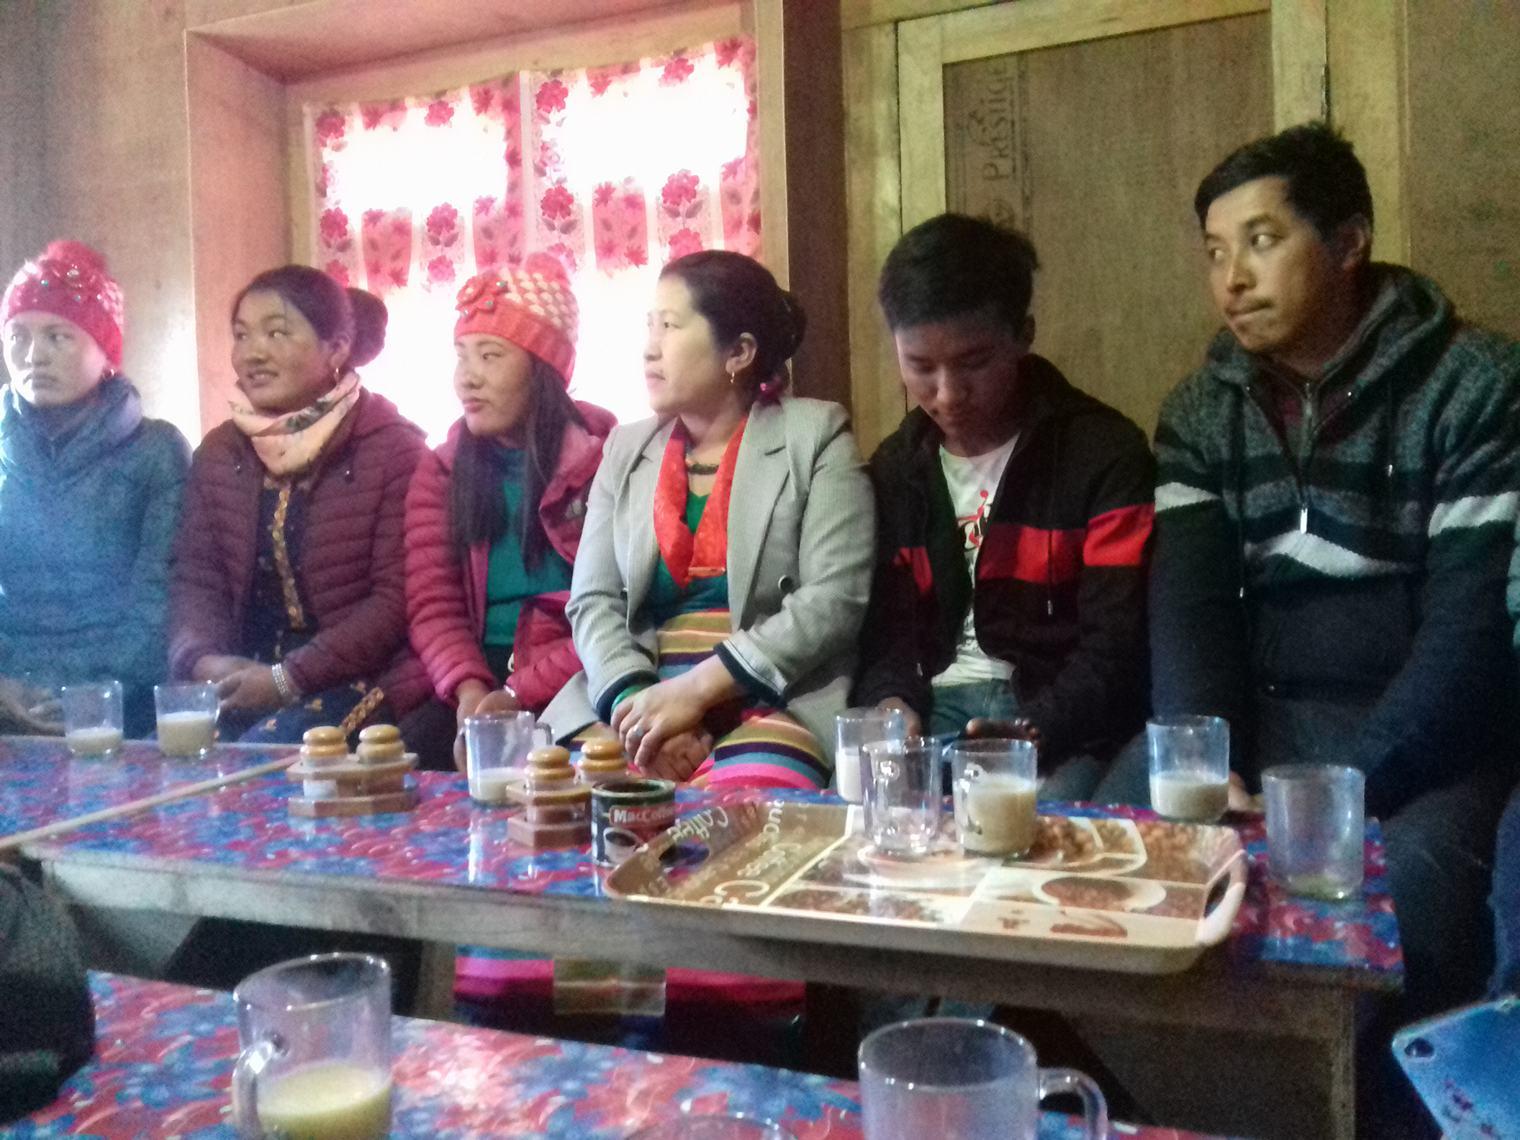 शेर्पा संघ ओखलढुंगाले प्रदेश स्तरिय लोसार कार्यक्रम गर्दै